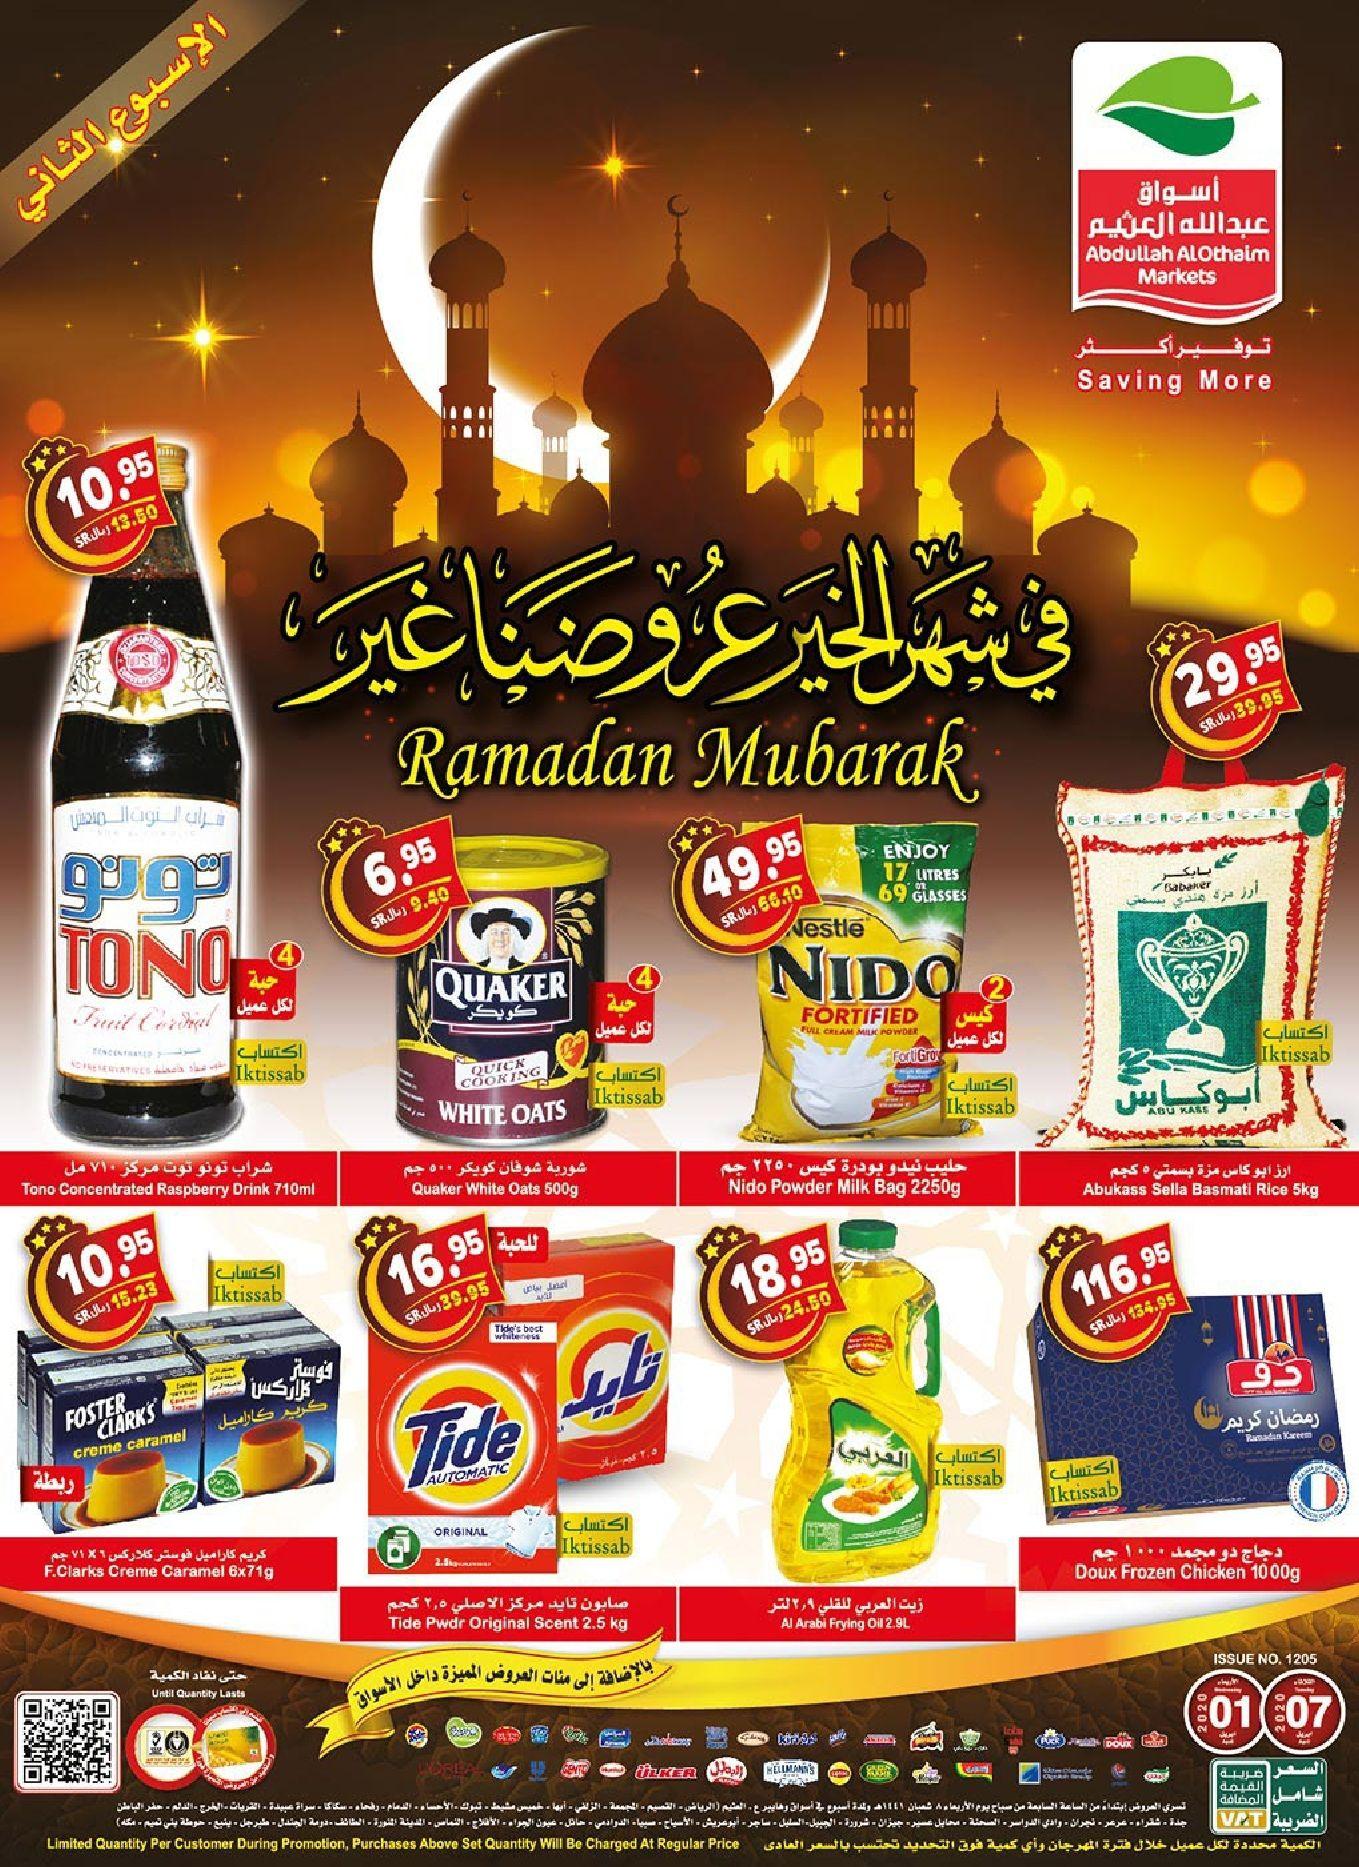 عروض رمضان عروض العثيم الاسبوعية الاربعاء 1 ابريل 2020 شهر الخير عروض اليوم Frosted Flakes Cereal Box Ramadan Tono